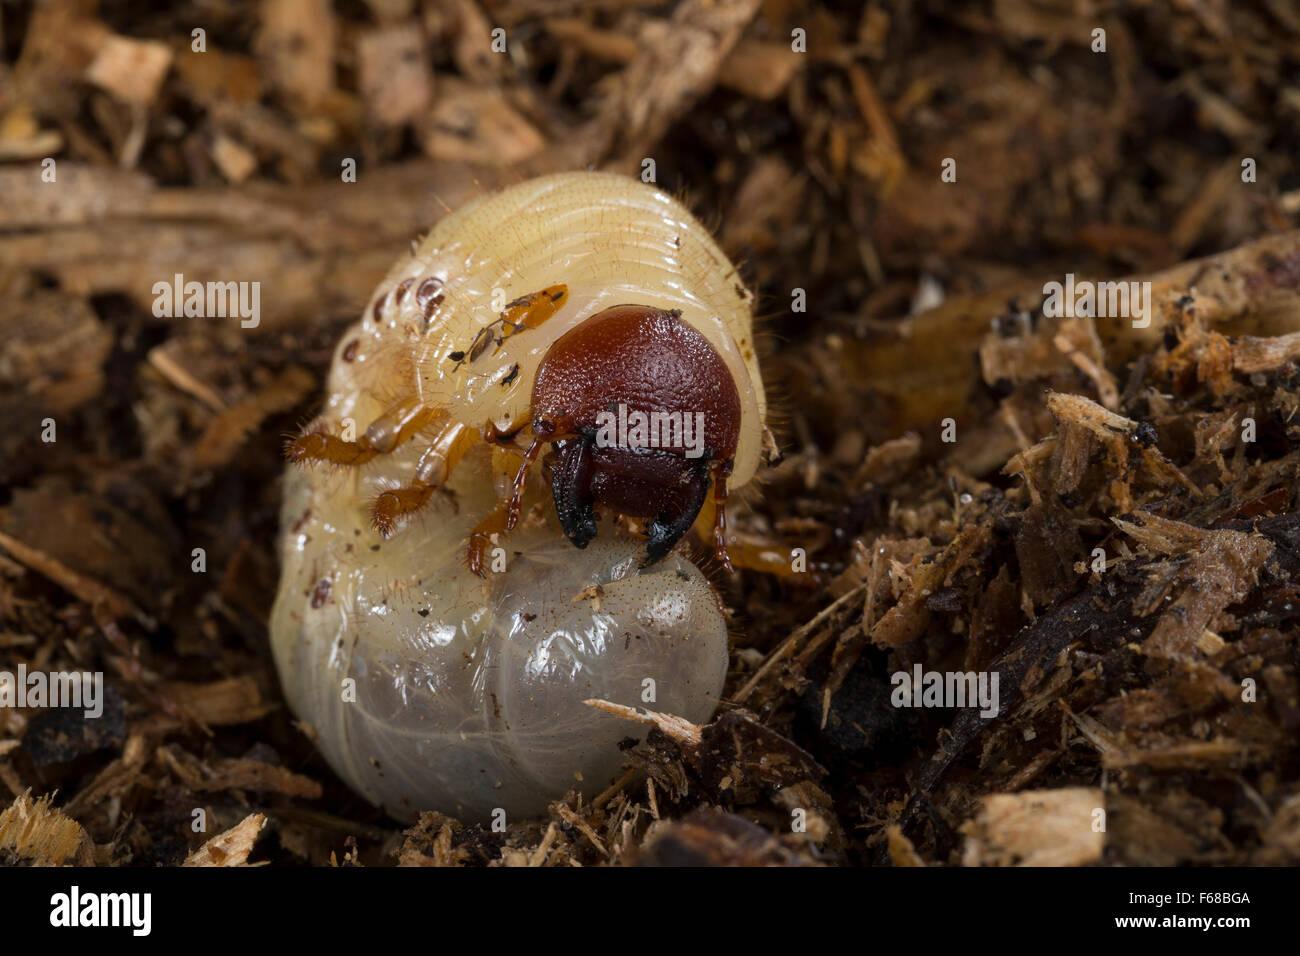 European Rhinoceros Beetle Larva Larvae Grub Nashornkafer Larve Stock Photo Alamy